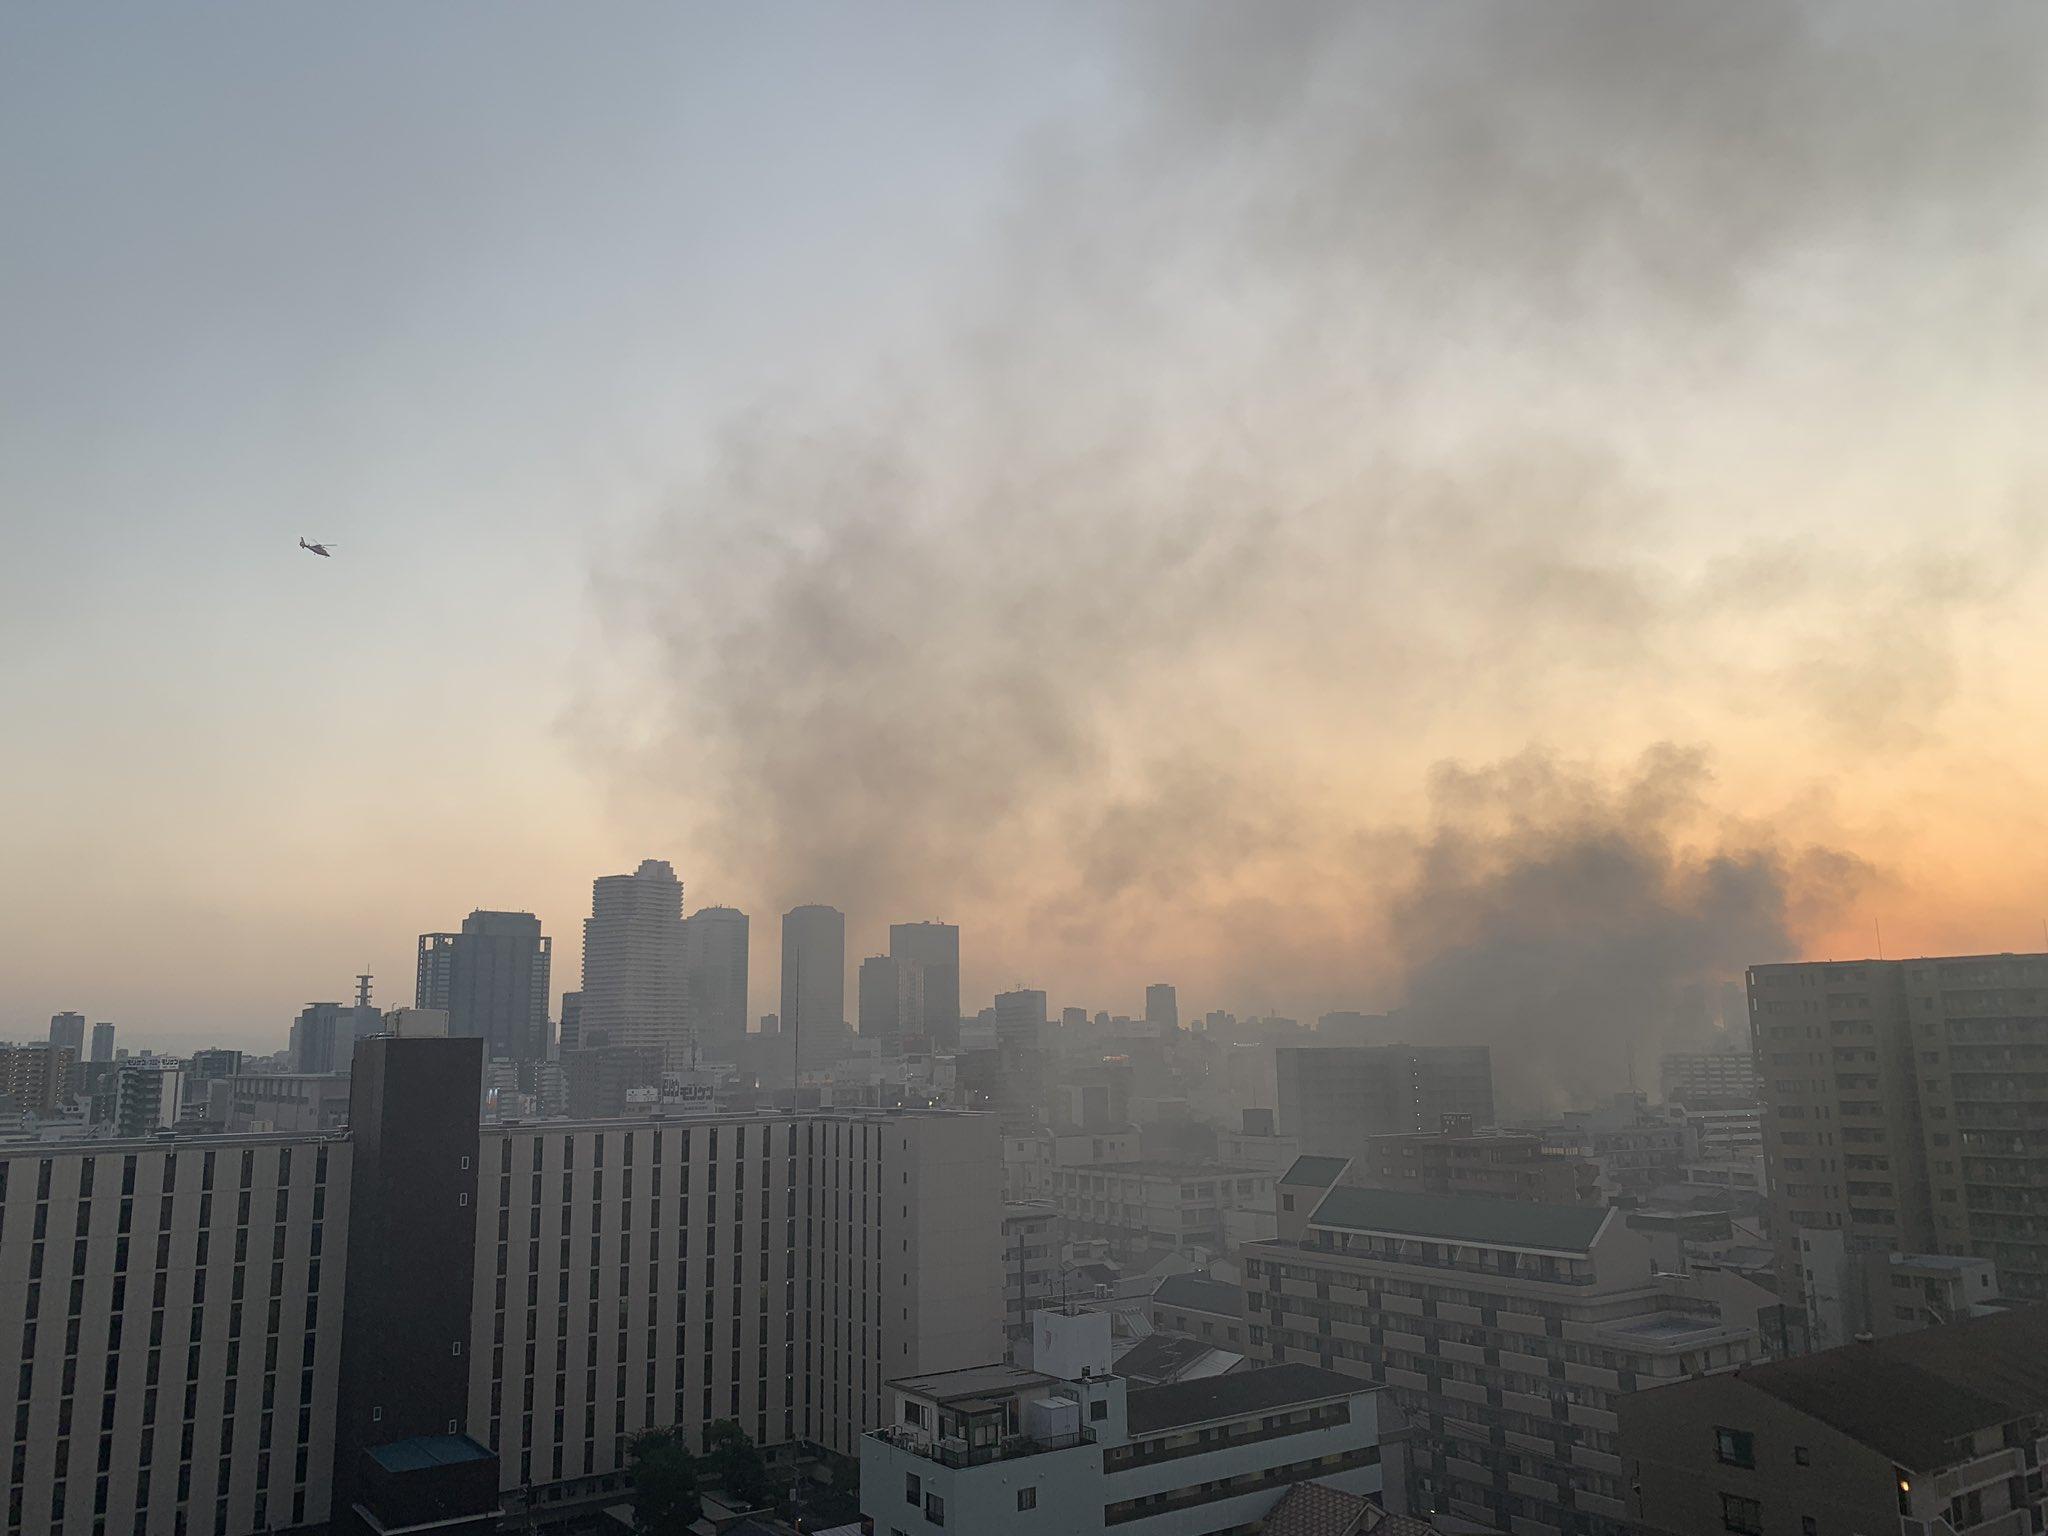 画像,うぁー京橋で超火事だ。慌てて洗濯物を片付けた。家の中まで煙の匂いが。大丈夫なのかな。何が起きてるんだ〜。 https://t.co/pDESEBZEuo…